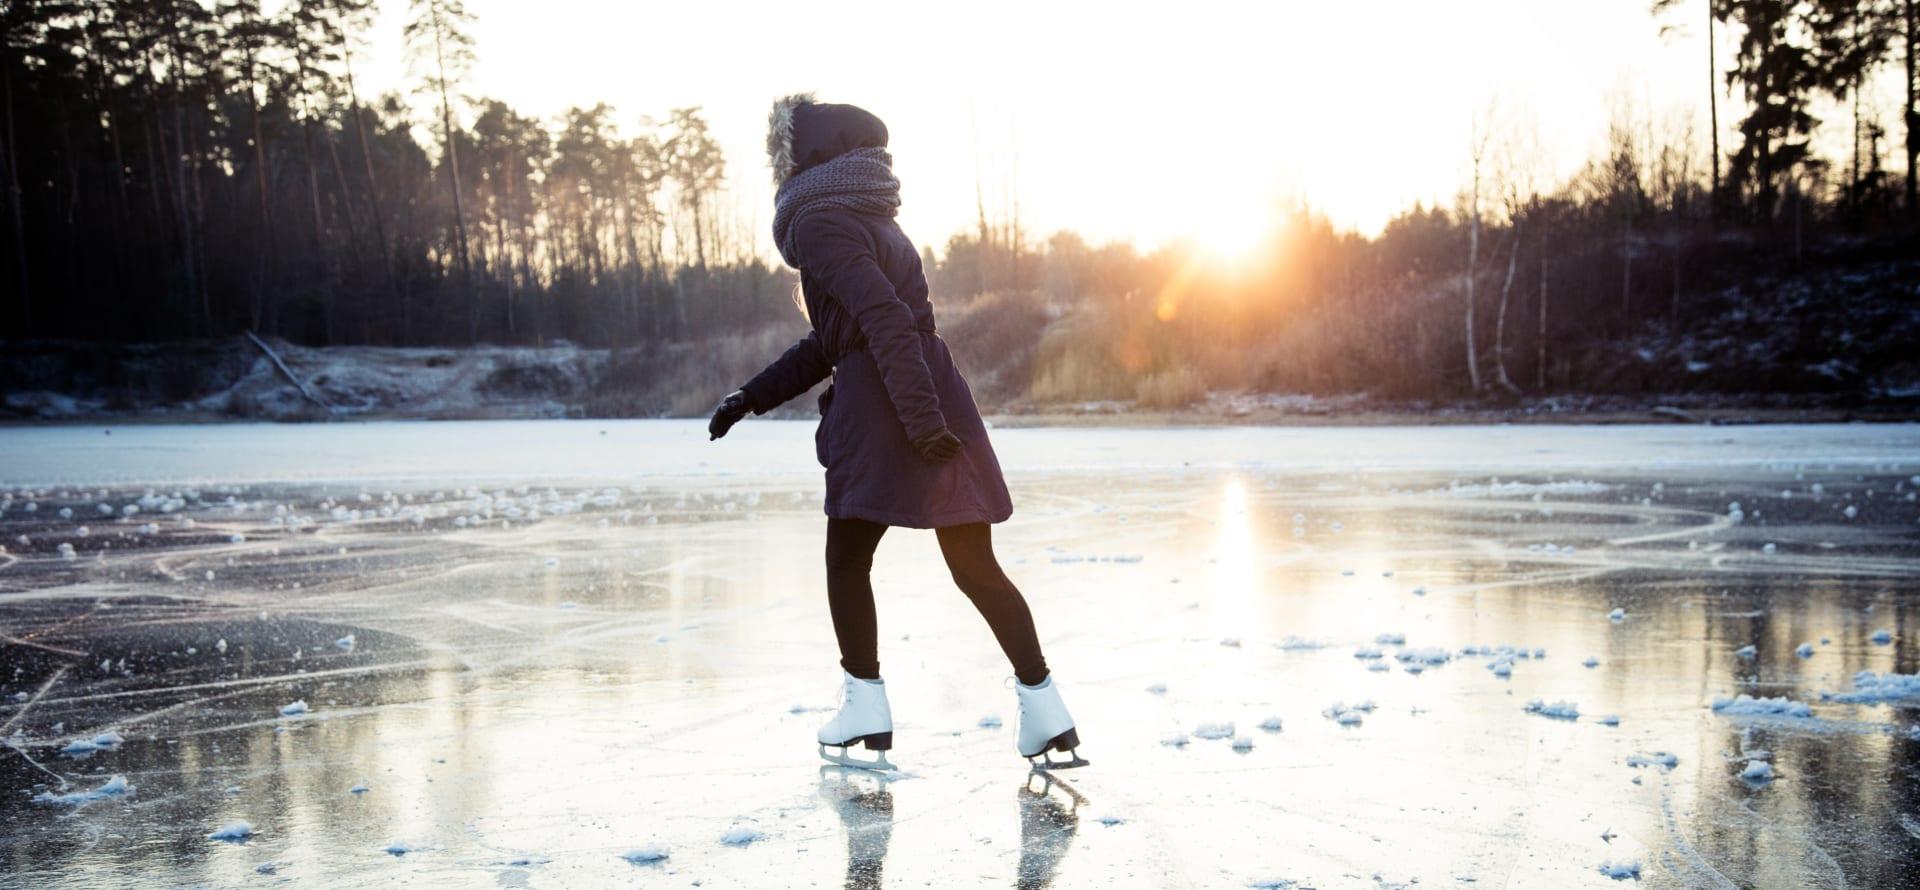 Også vinteren er det ting å finne på når frosten har kommet.